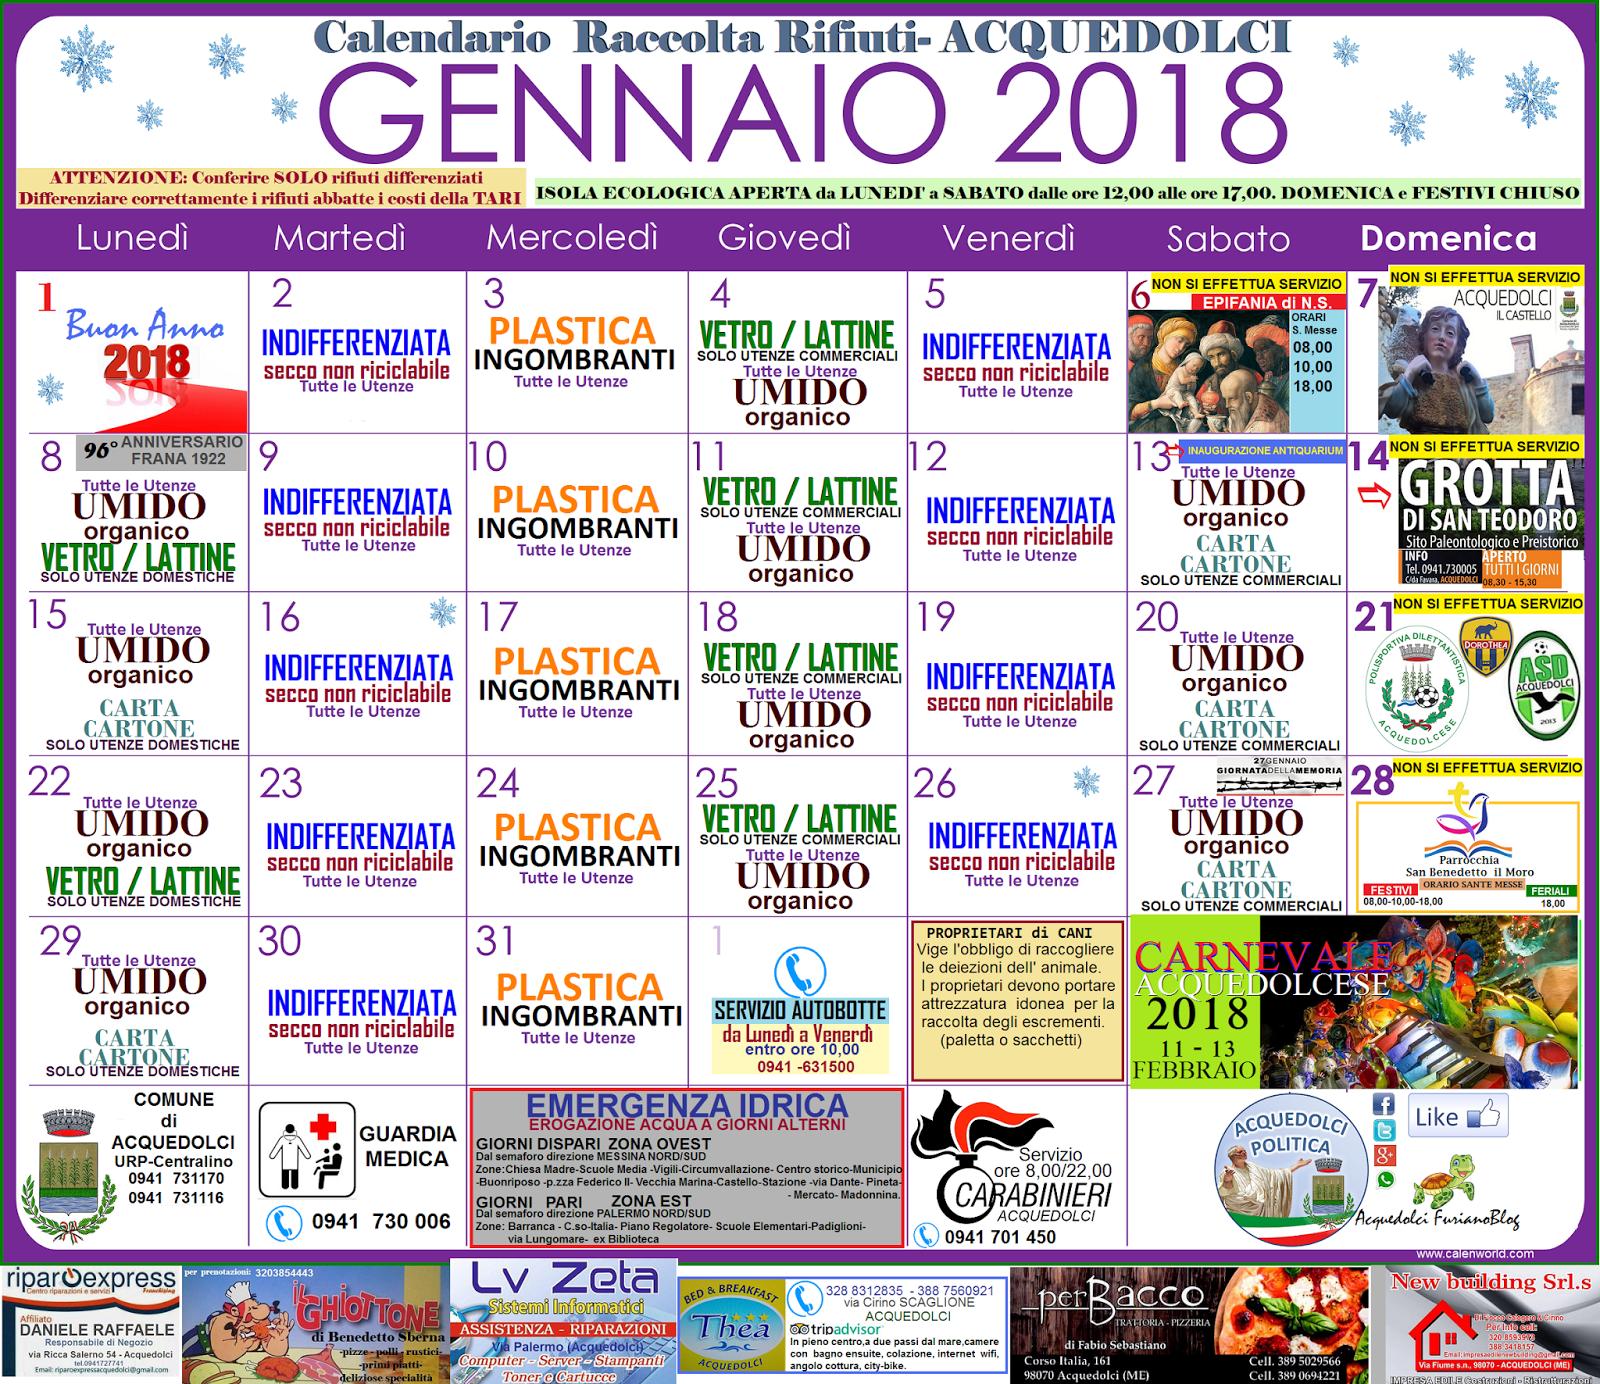 Calendario Raccolta Differenziata Sanremo.Rifiuti Ecco Il Calendario Di Gennaio 2018